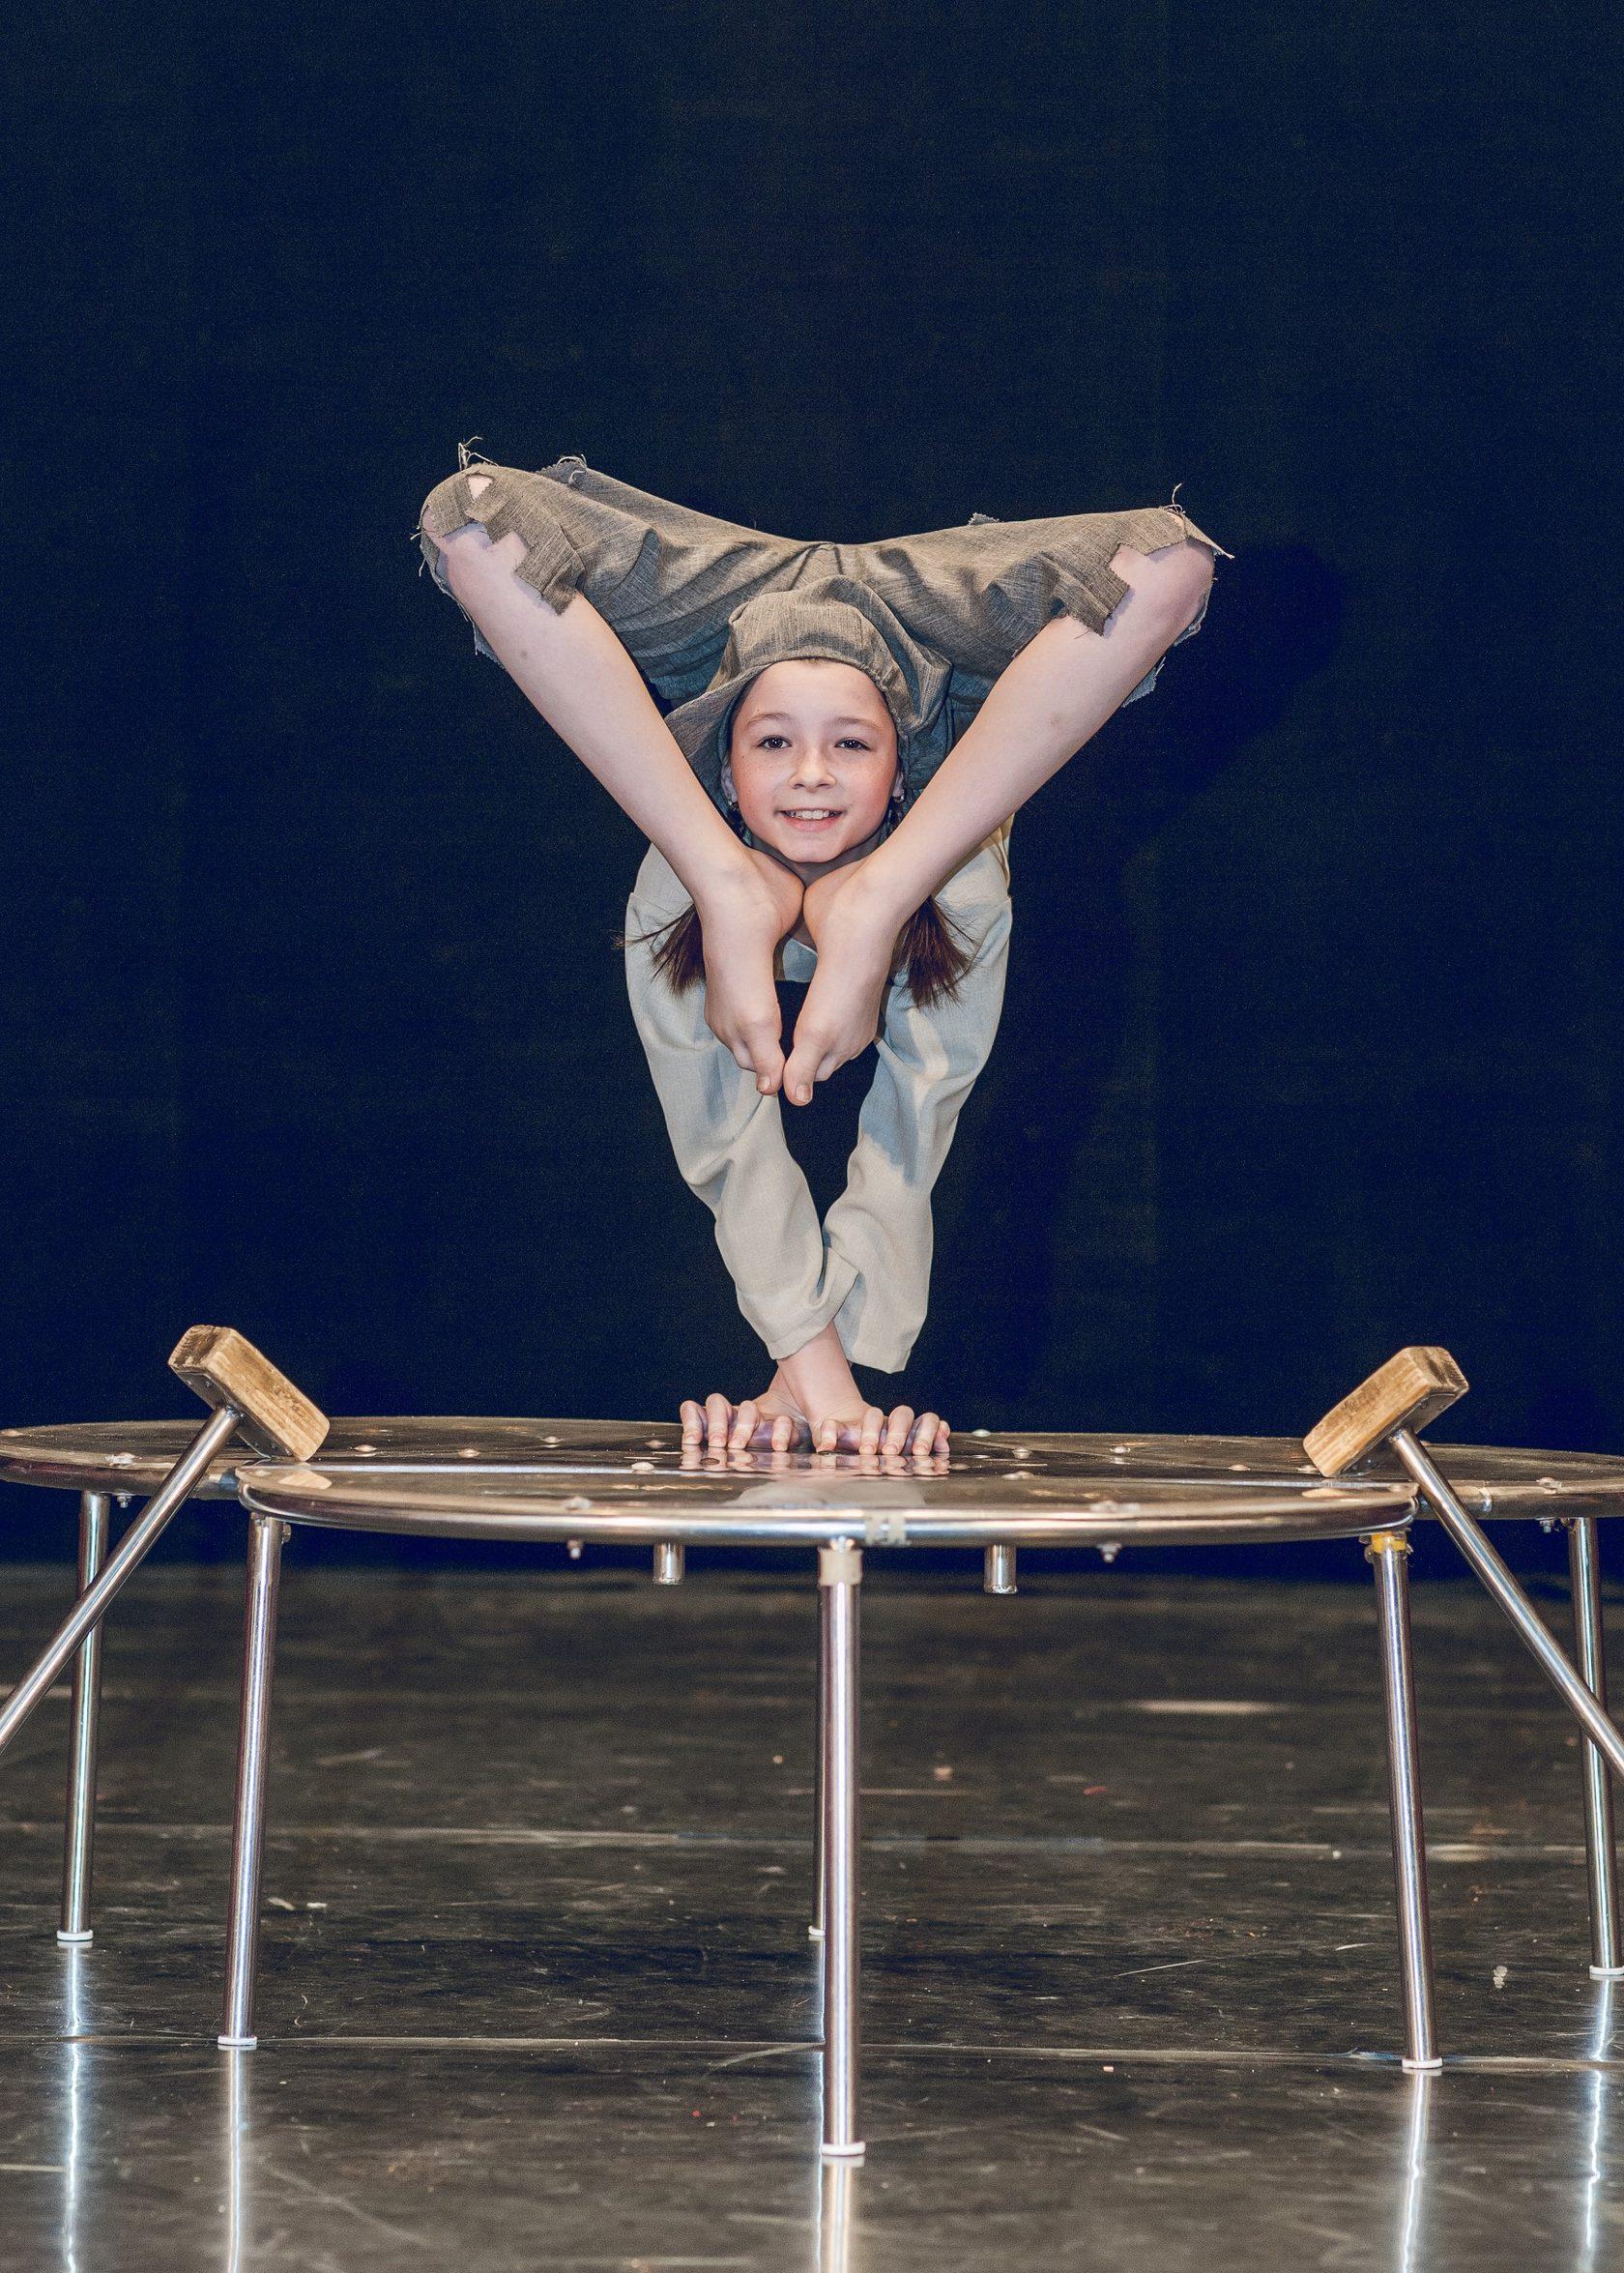 фото цирковой костюм нежность для каучука фотошопе инструмент прямоугольная